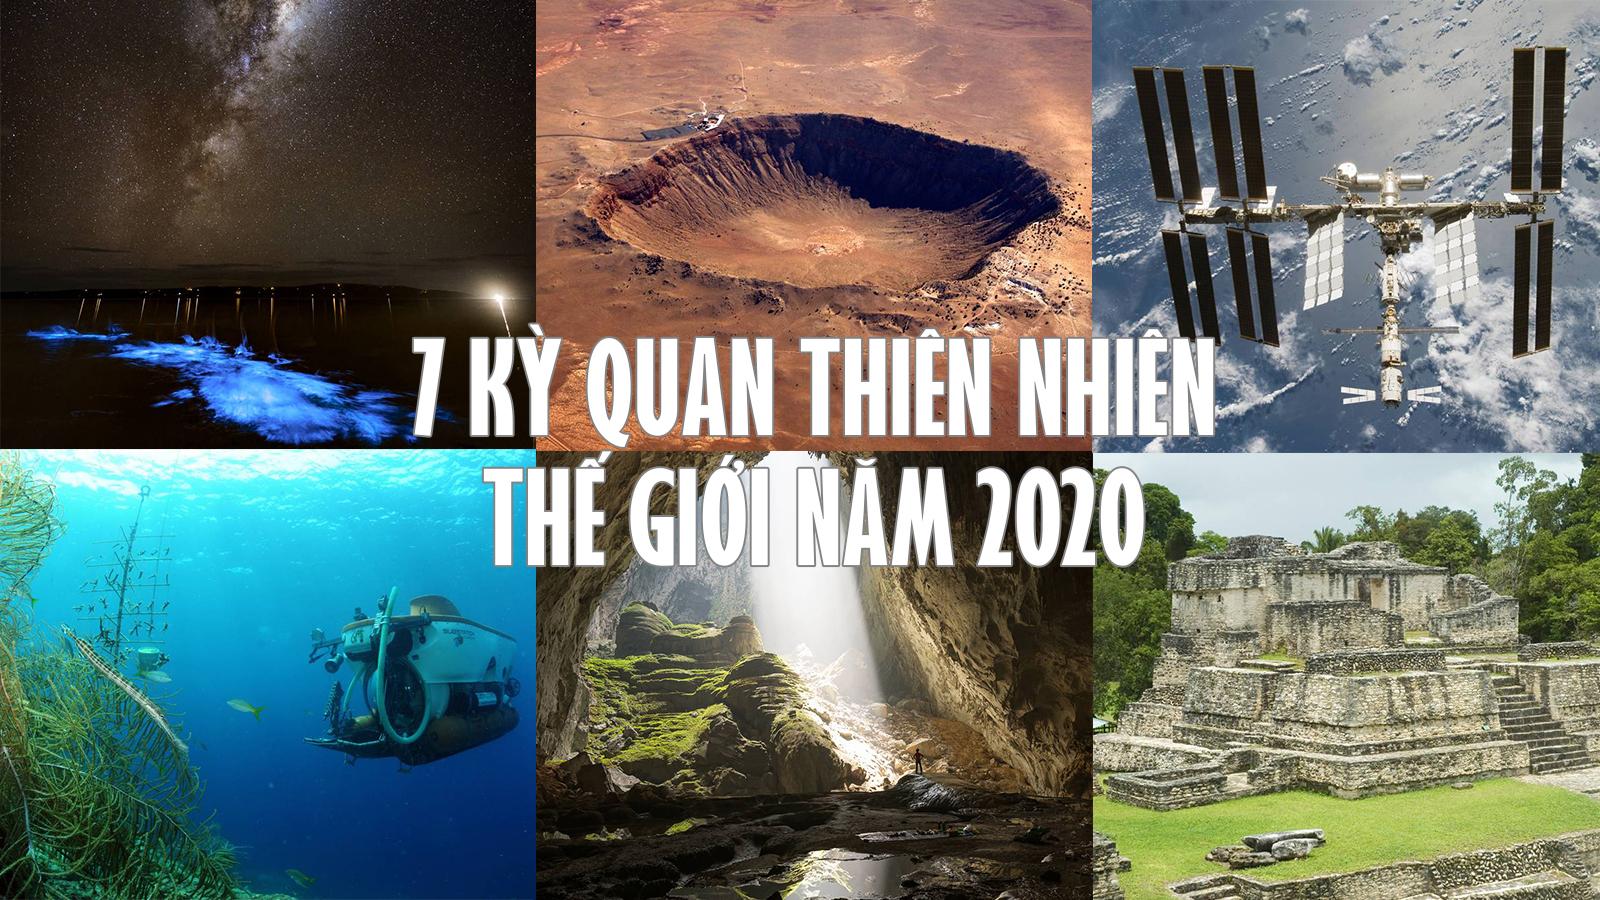 Hang Sơn Đoòng lọt vào 7 kỳ quan thiên nhiên của năm 2020 - 1